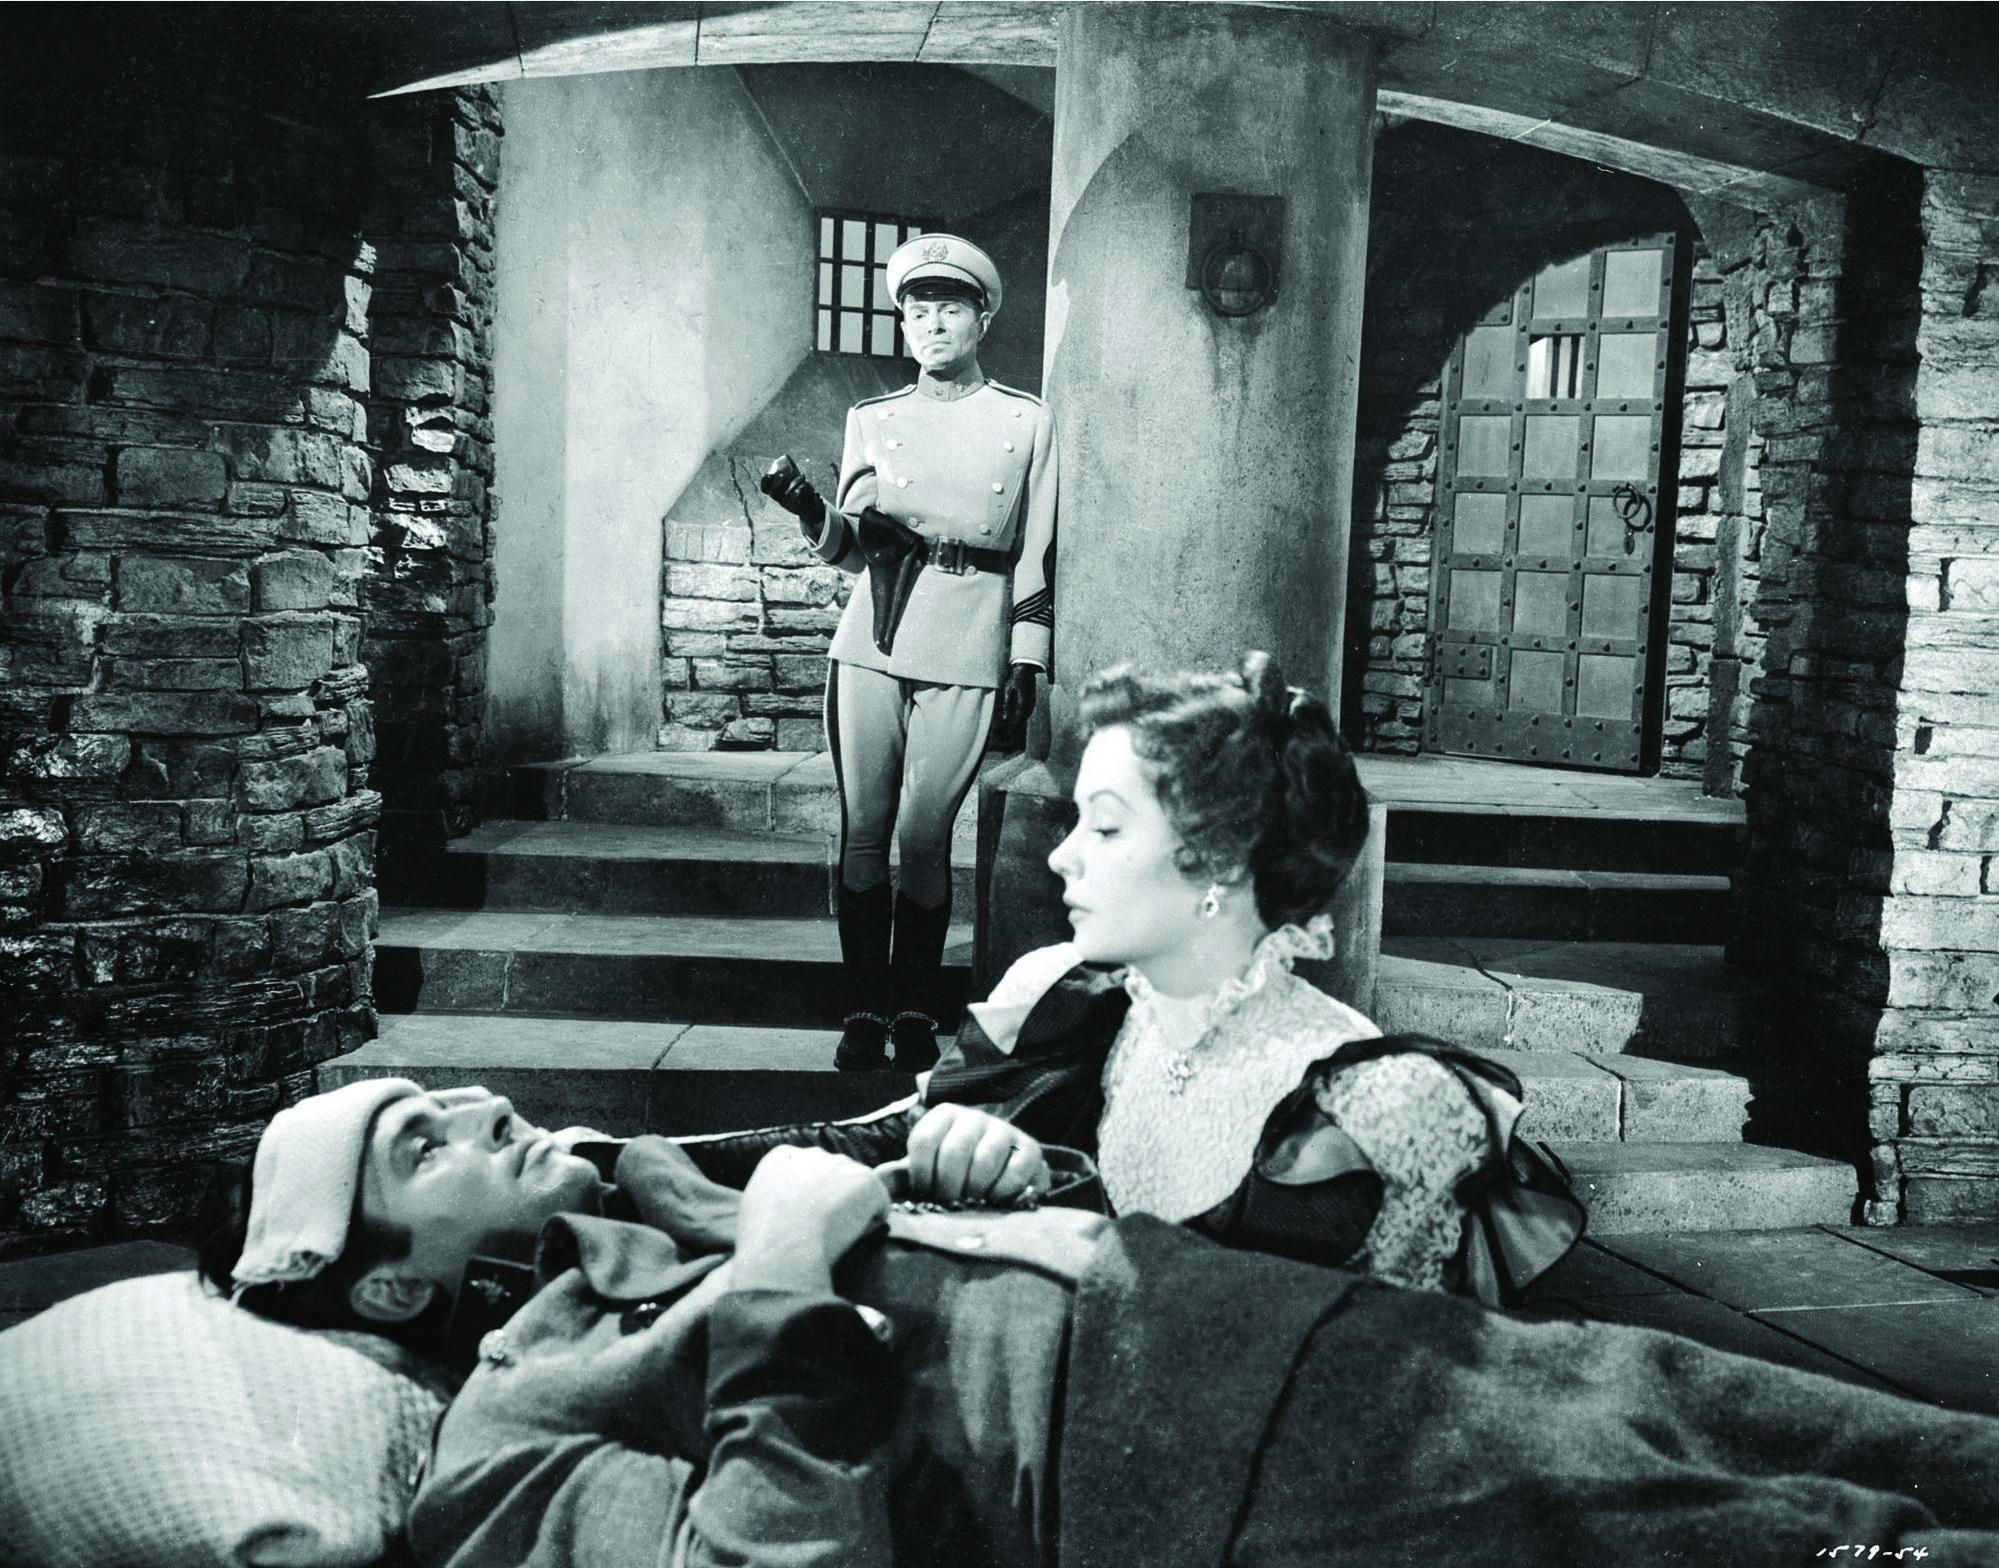 James Mason, Stewart Granger, and Jane Greer in The Prisoner of Zenda (1952) http://www.movpins.com/dHQwMDQ1MDUz/the-prisoner-of-zenda-(1952)/still-1633595392